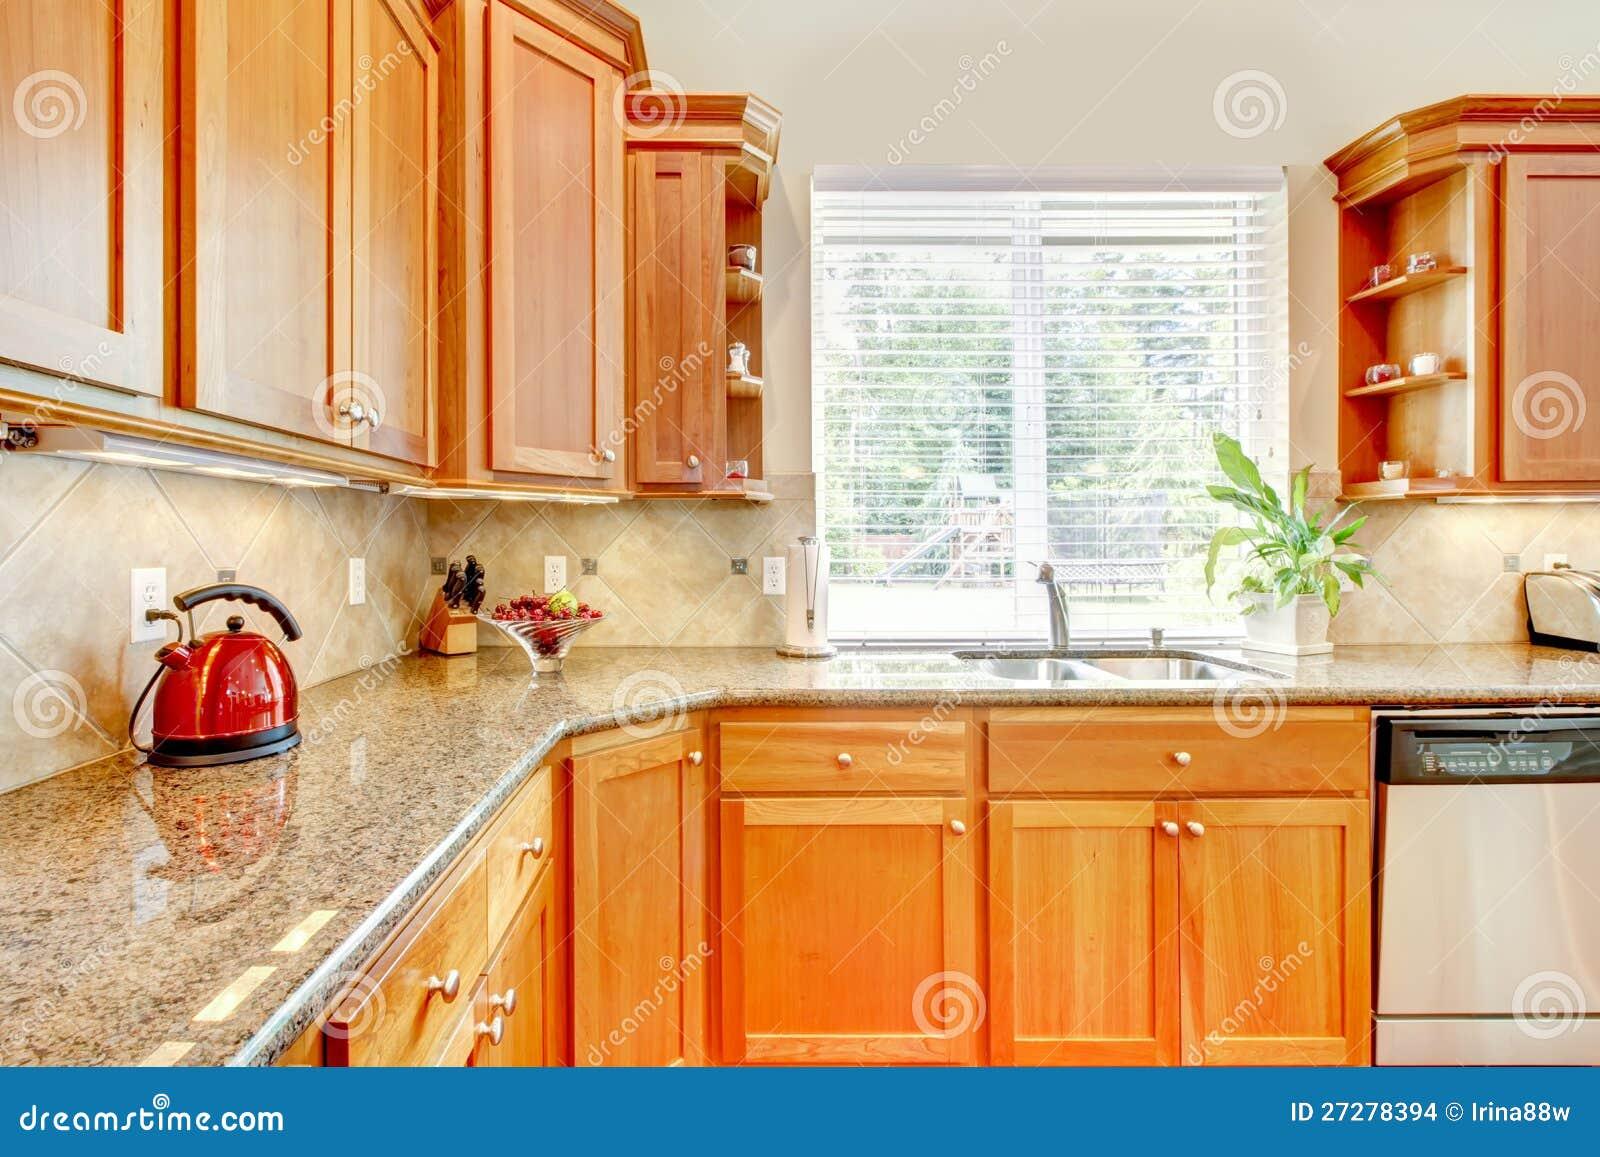 Cucina di legno di lusso con granito e la finestra - Cucina di lusso ...